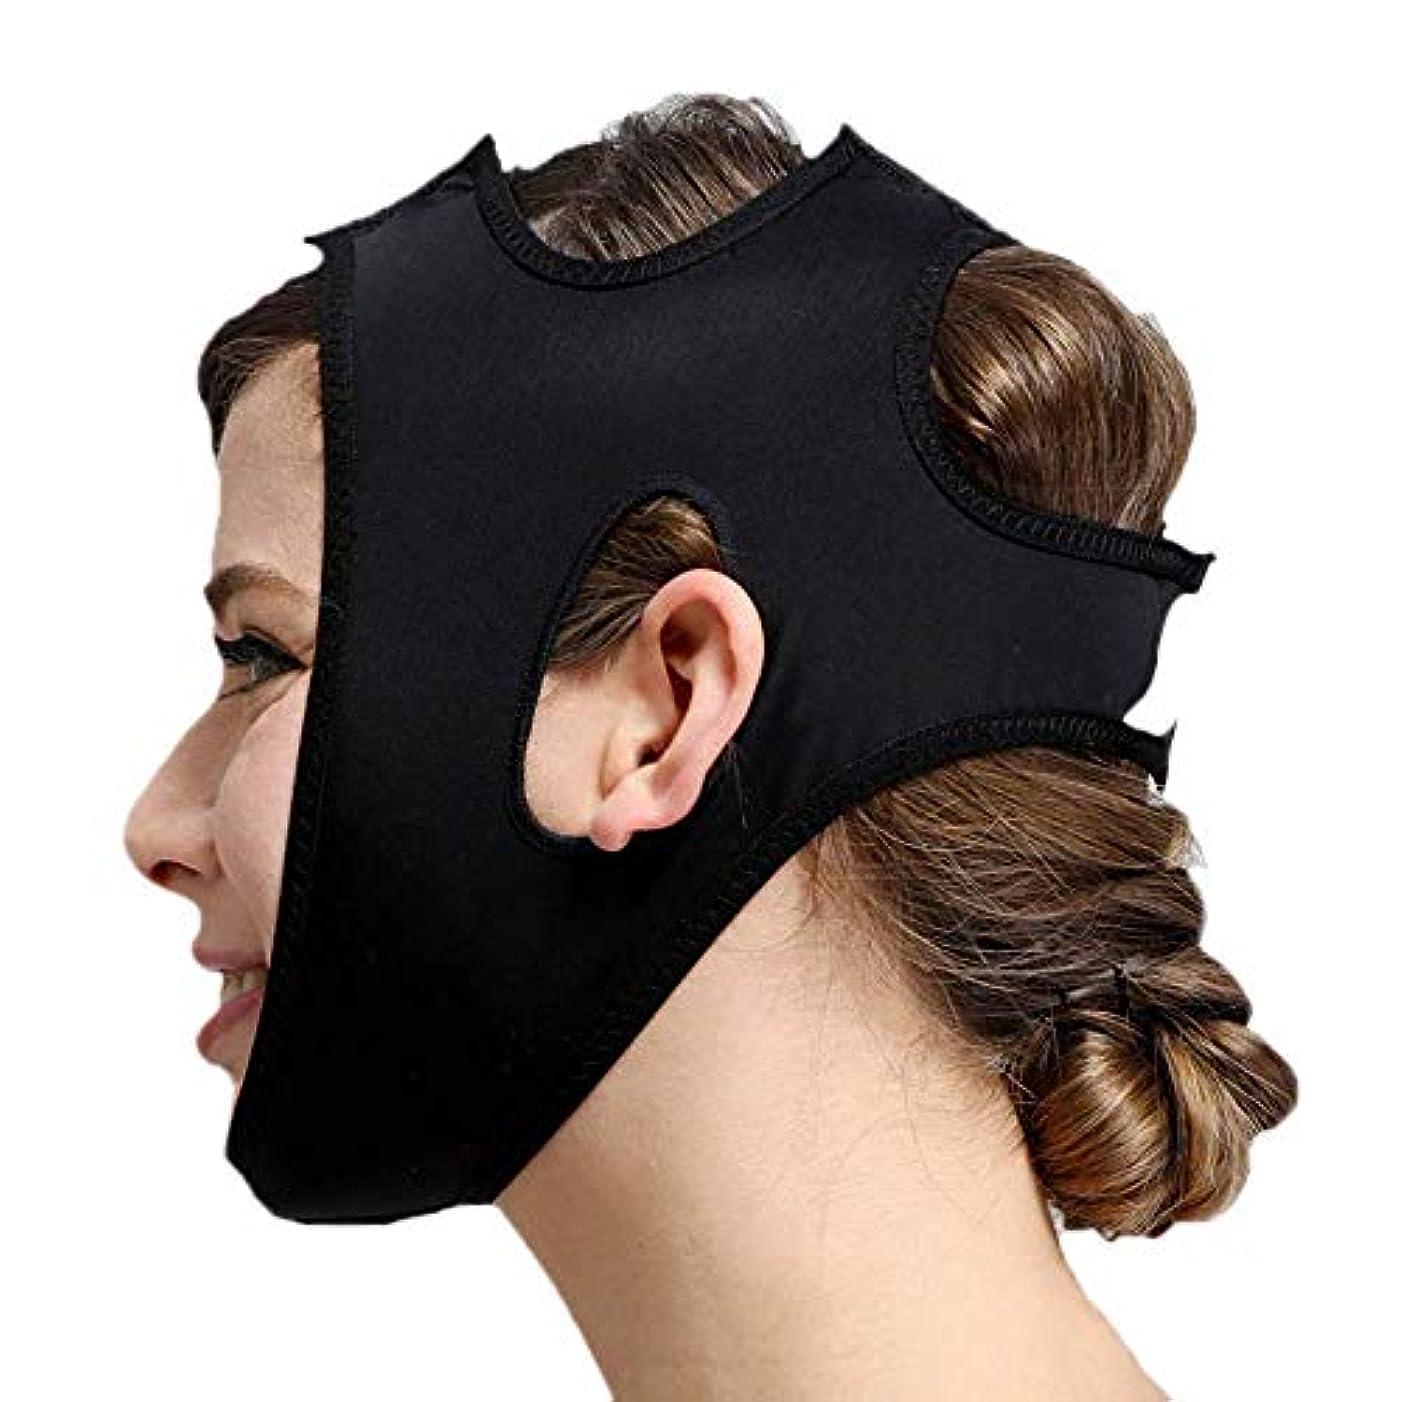 頑固なおとうさんまあフェイススリミングマスク、快適さと通気性、フェイシャルリフティング、輪郭の改善された硬さ、ファーミングとリフティングフェイス(カラー:ブラック、サイズ:XL),黒、L